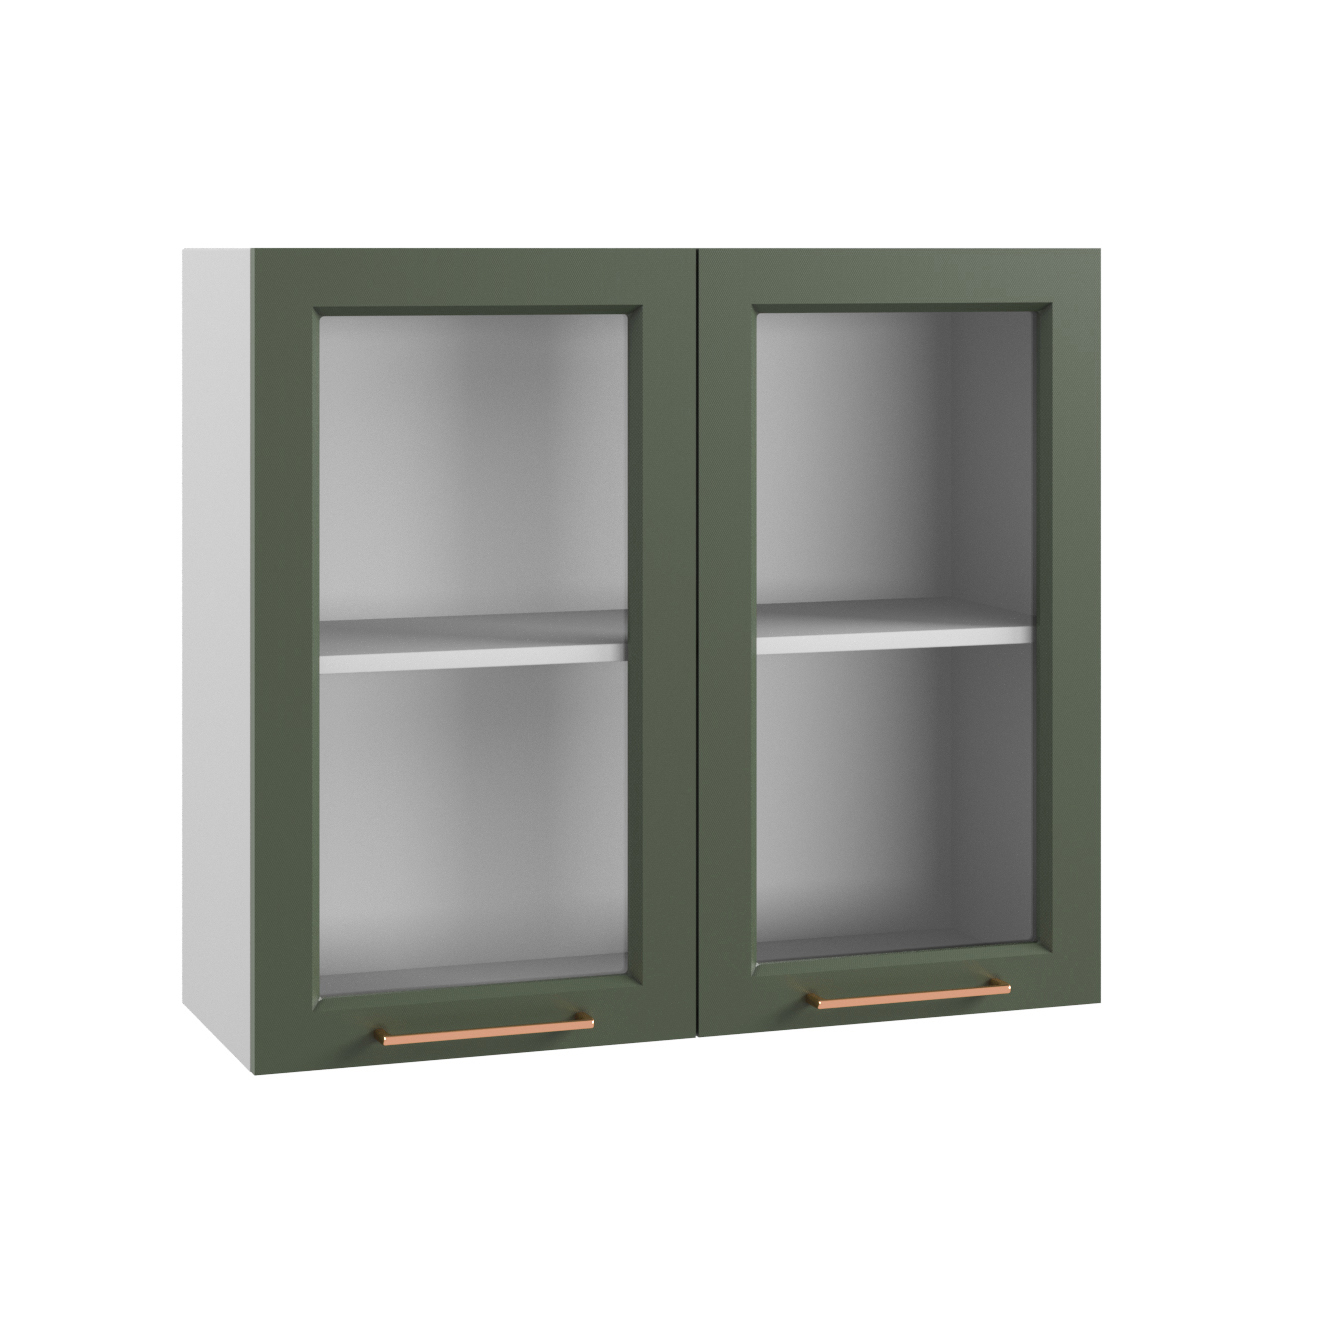 Кухня Квадро ПС 800 Шкаф верхний стекло